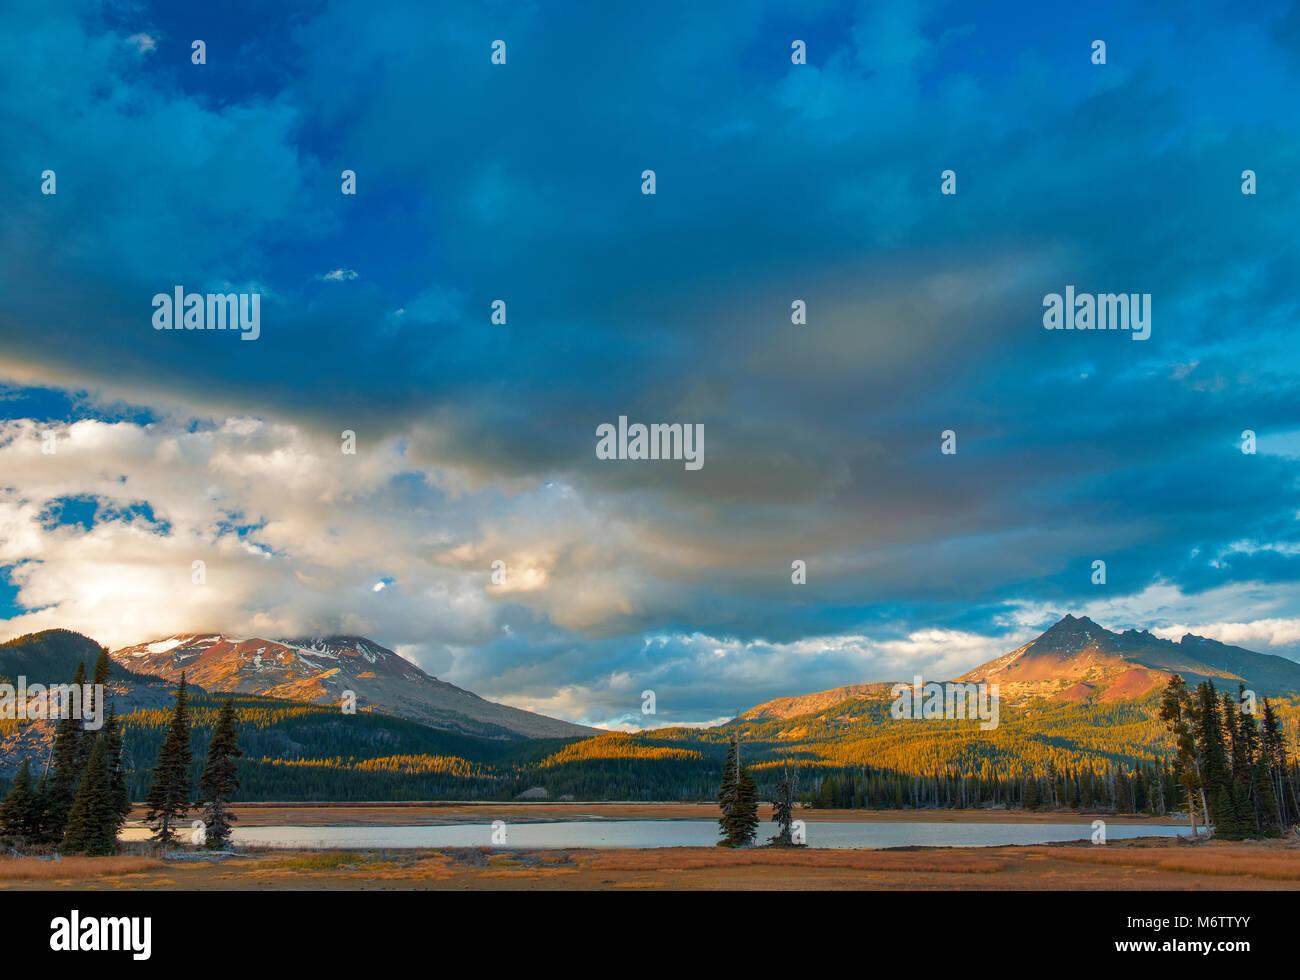 South Sister, Broken Top, Sparks Lake, Deschutes National Forest, Oregon - Stock Image